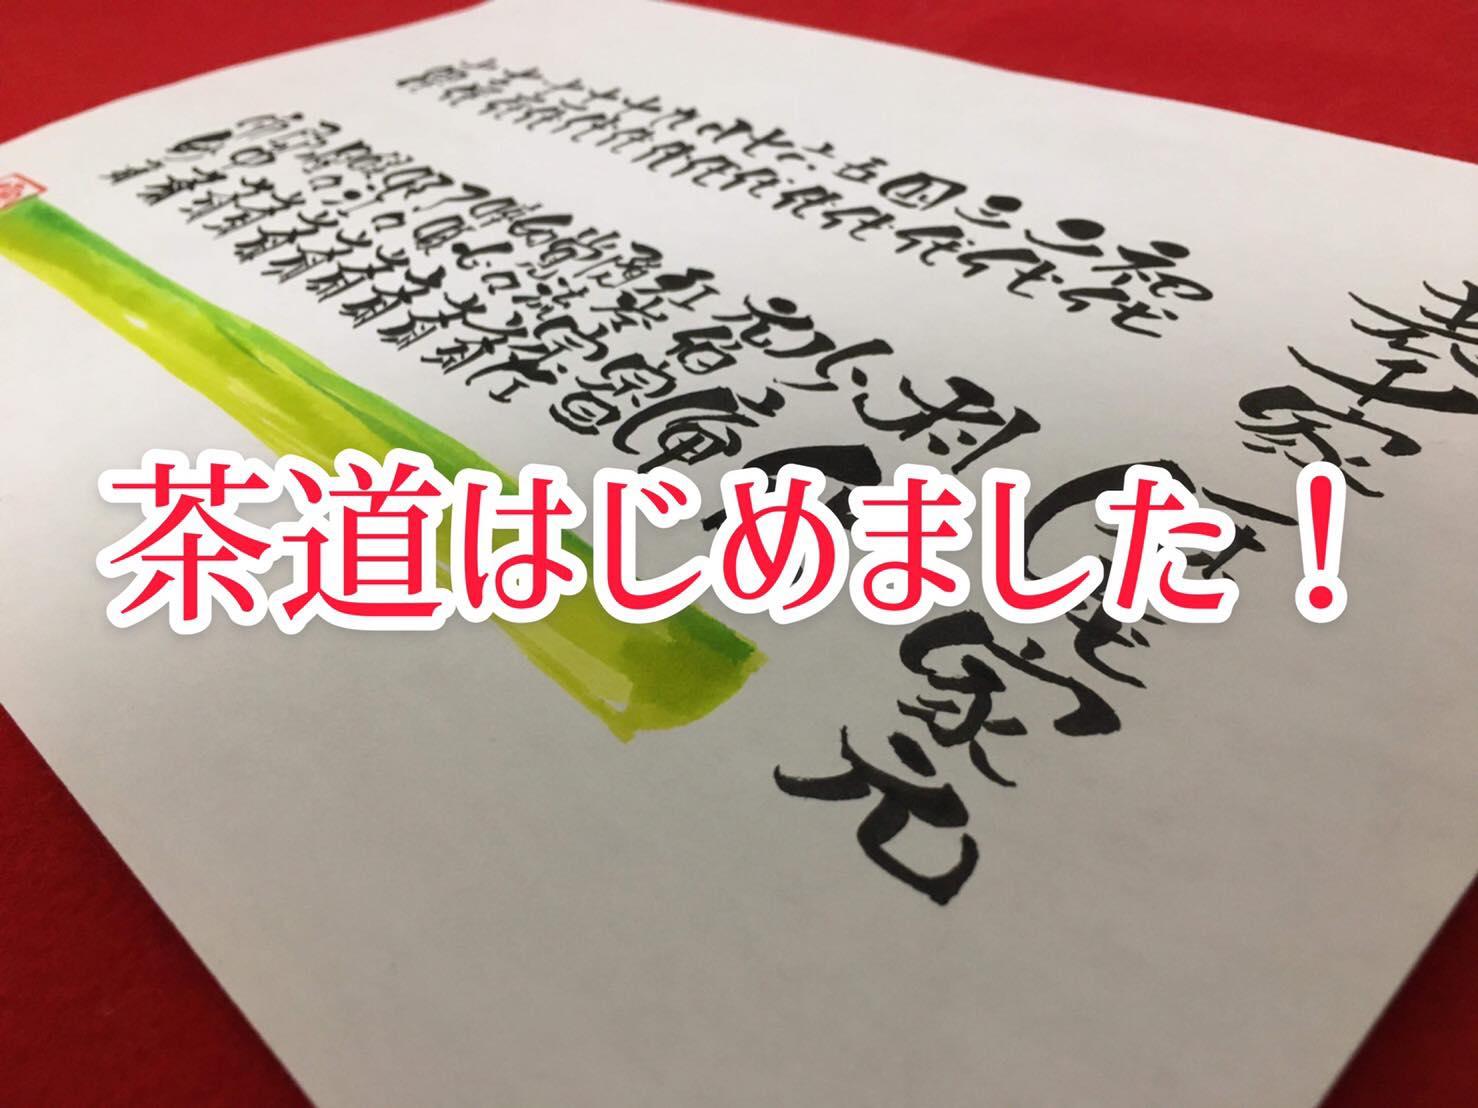 茶道男子デビューしました!和文化学びます^^:vol.1